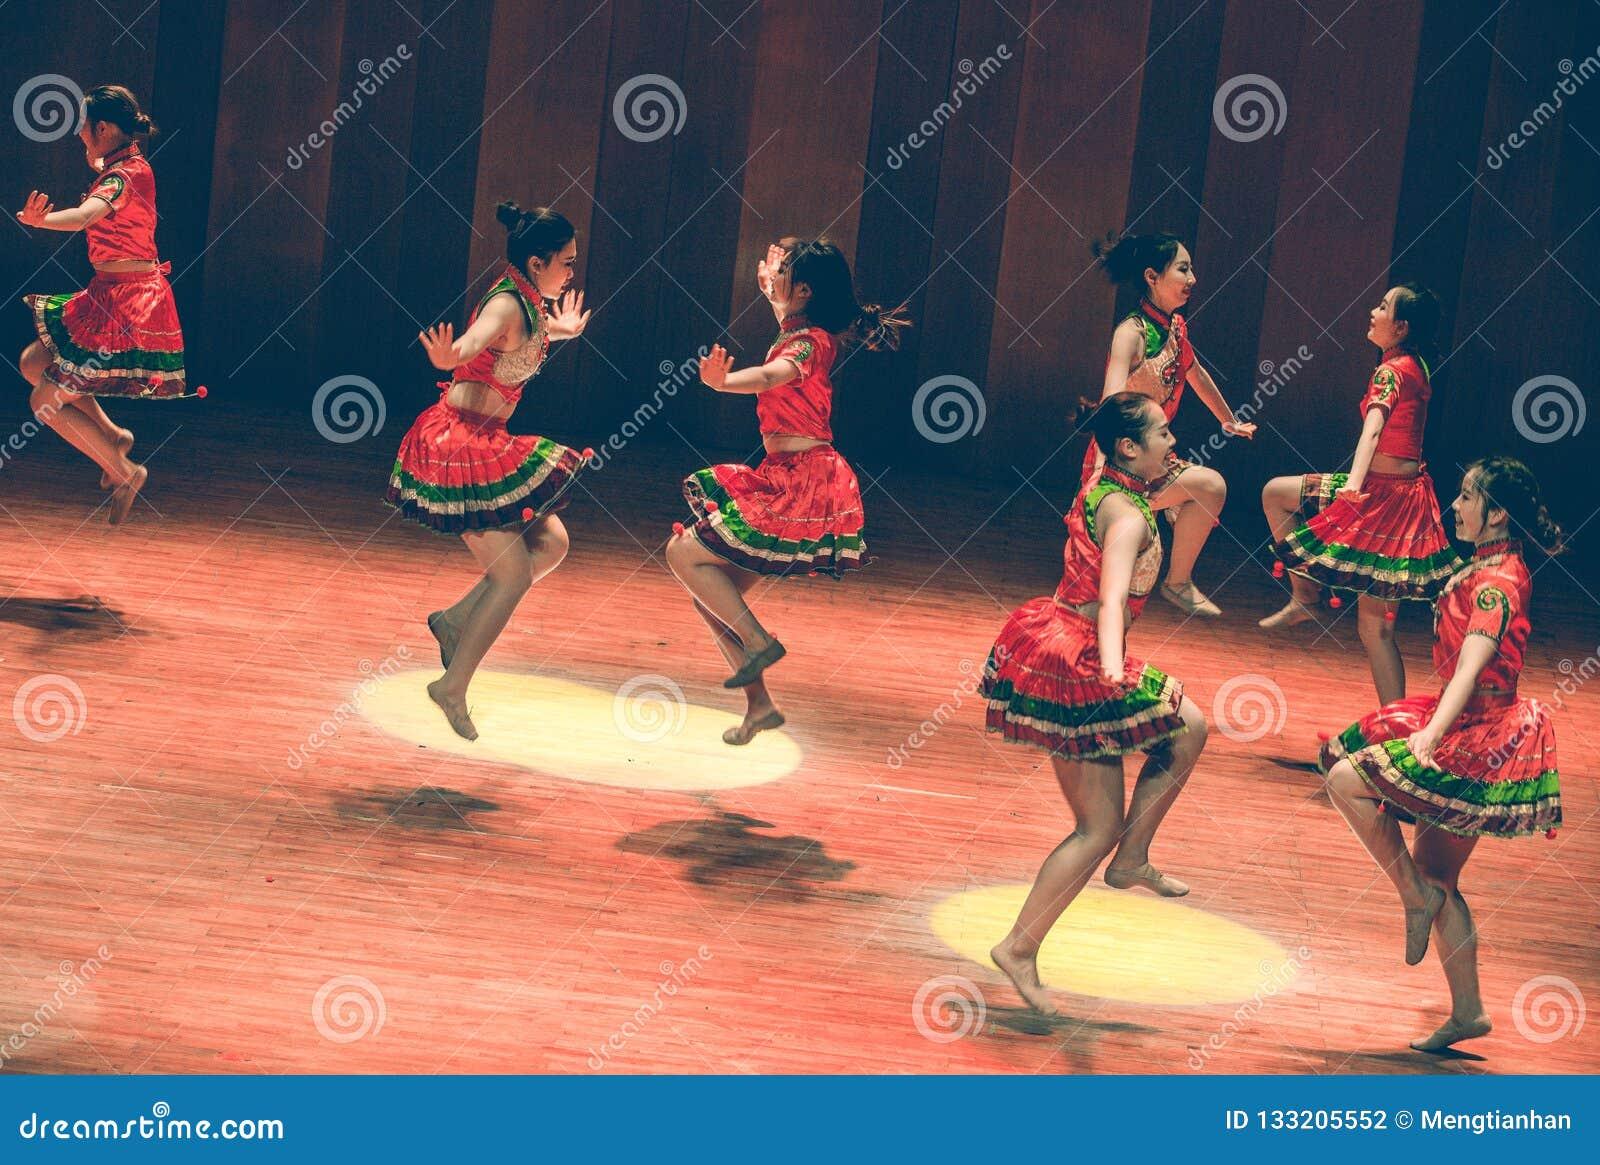 Short skirt dance-Axi jump-Yi folk dance